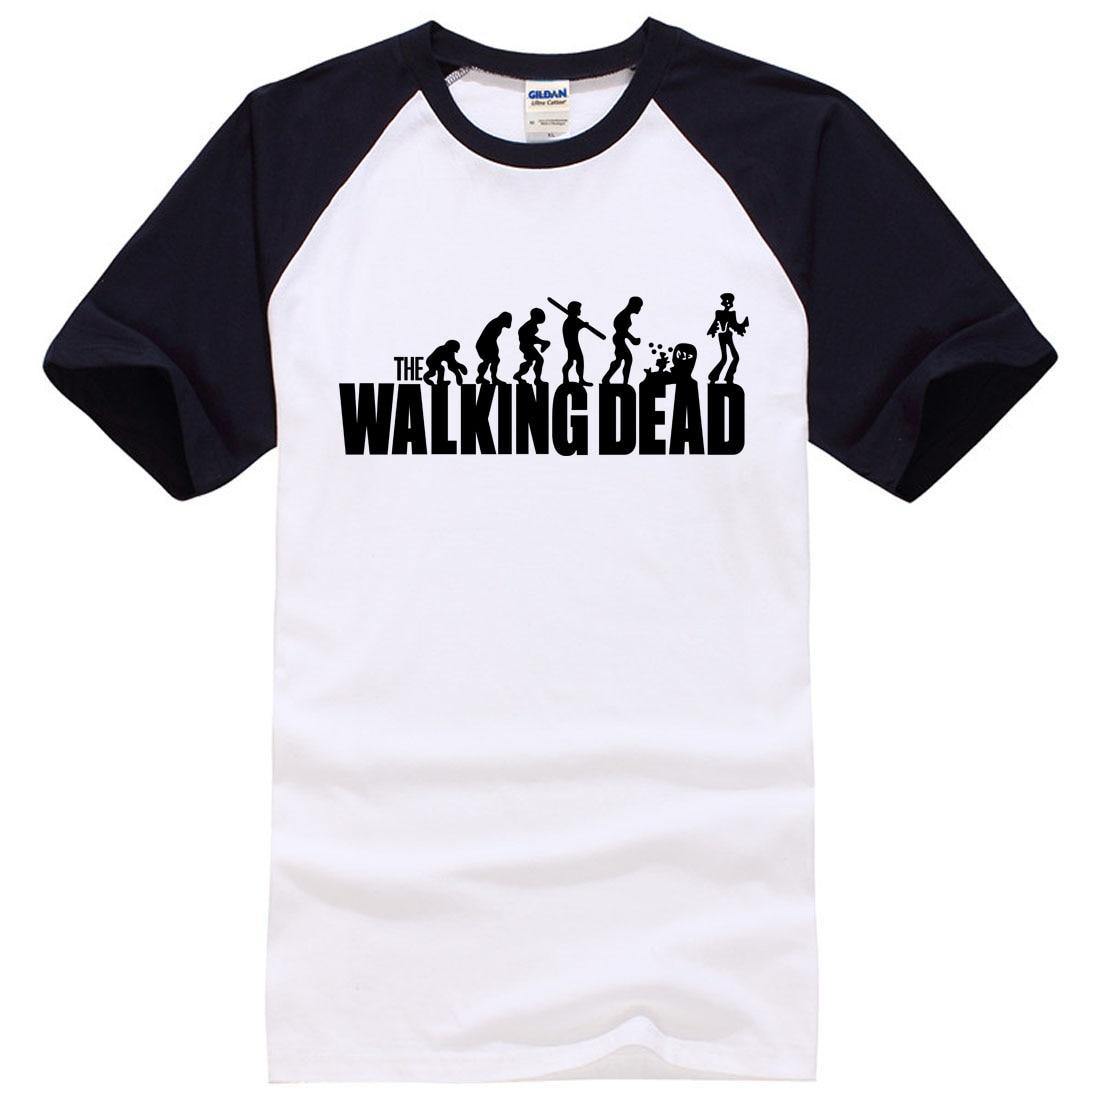 7a084d973 2019 nowość the walking dead koszulka z nadrukiem 100% bawełna mężczyźni t  shirt na co dzień Fitness odzież marki topy koszulki męskie mężczyzna nowy  lato w ...